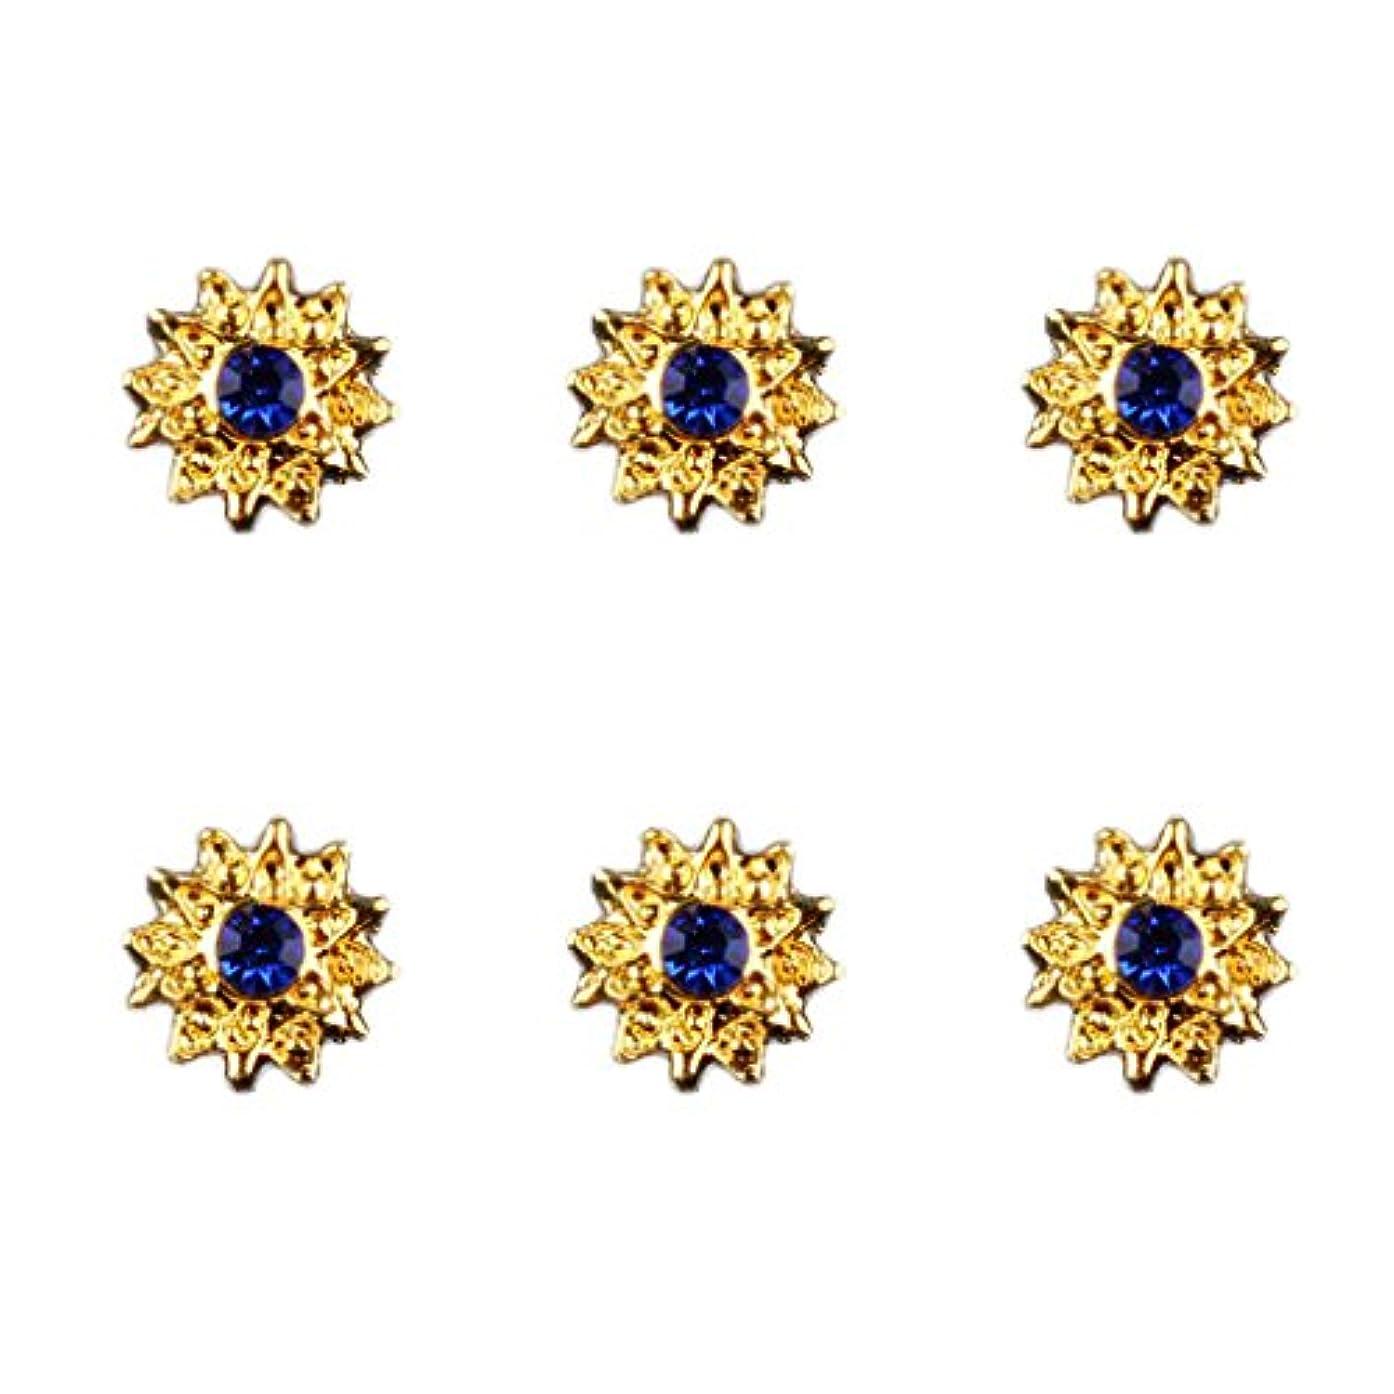 挑発する陰謀仕立て屋SM SunniMix 約50個入り マニキュア ダイヤモンド 3Dネイルアート ヒントステッカー 装飾 全8種類 - 6